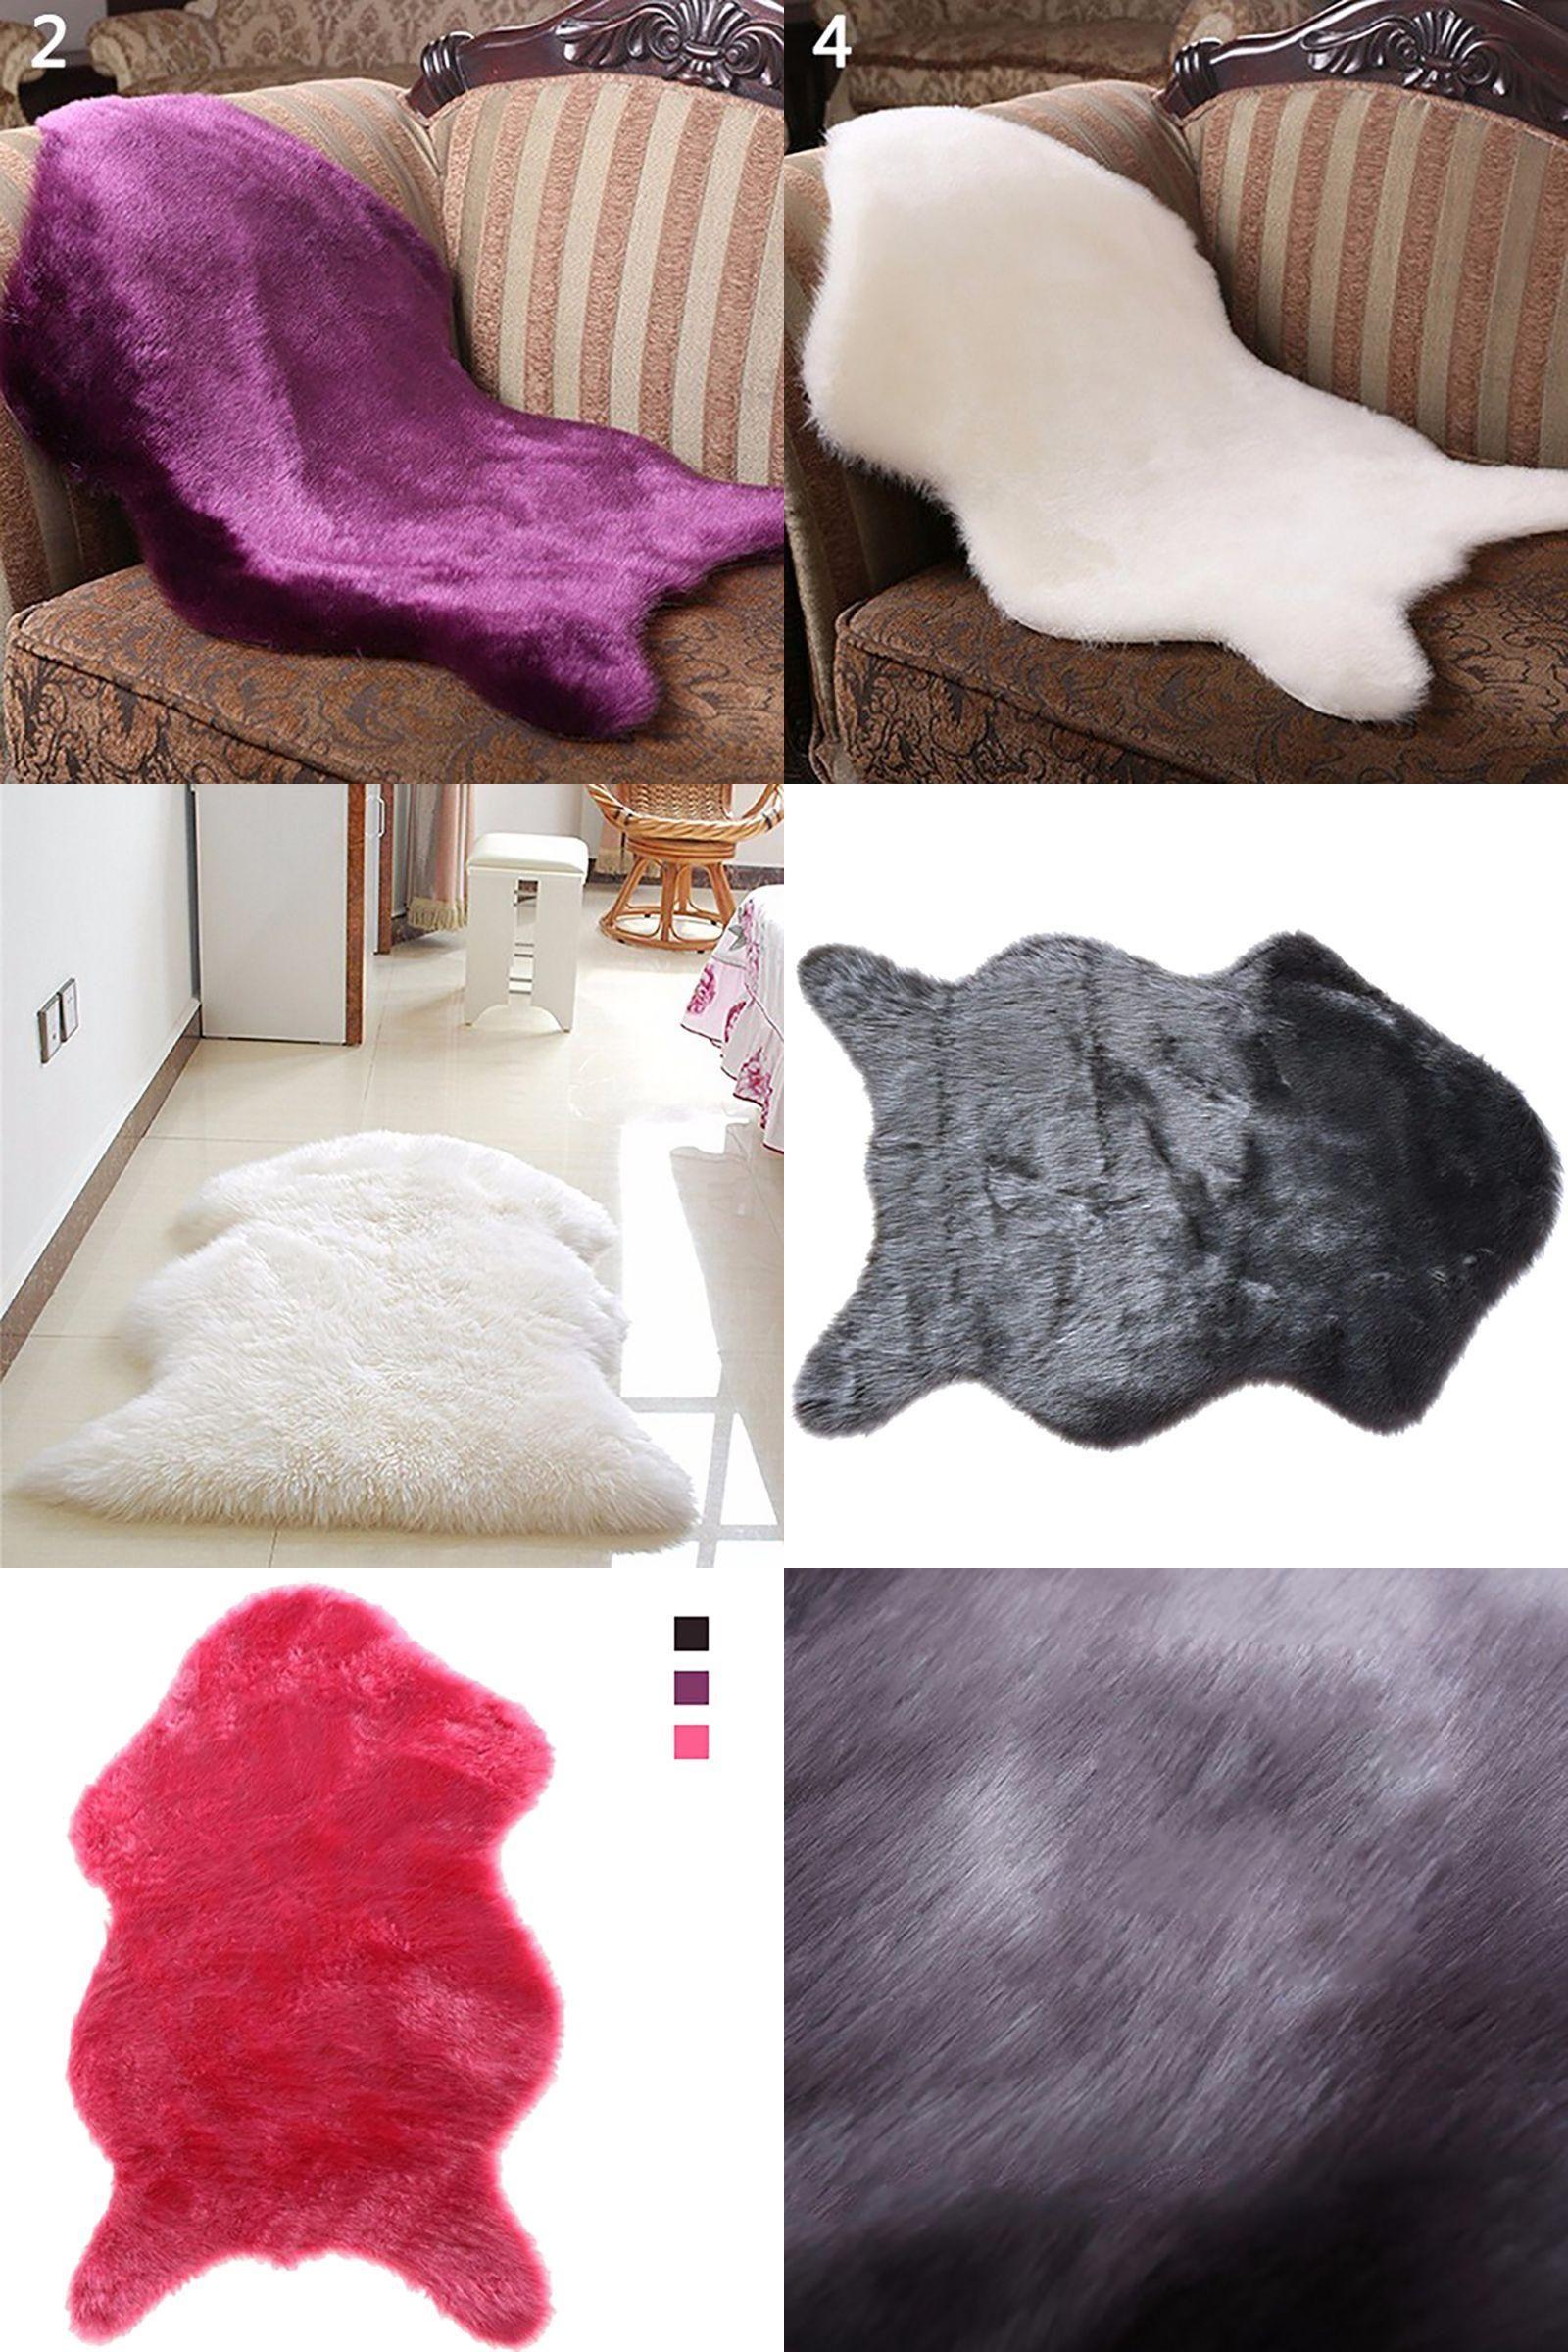 Visit to Buy] Faux Sheepskin Rug Mat Carpet Pad Anti Slip Chair